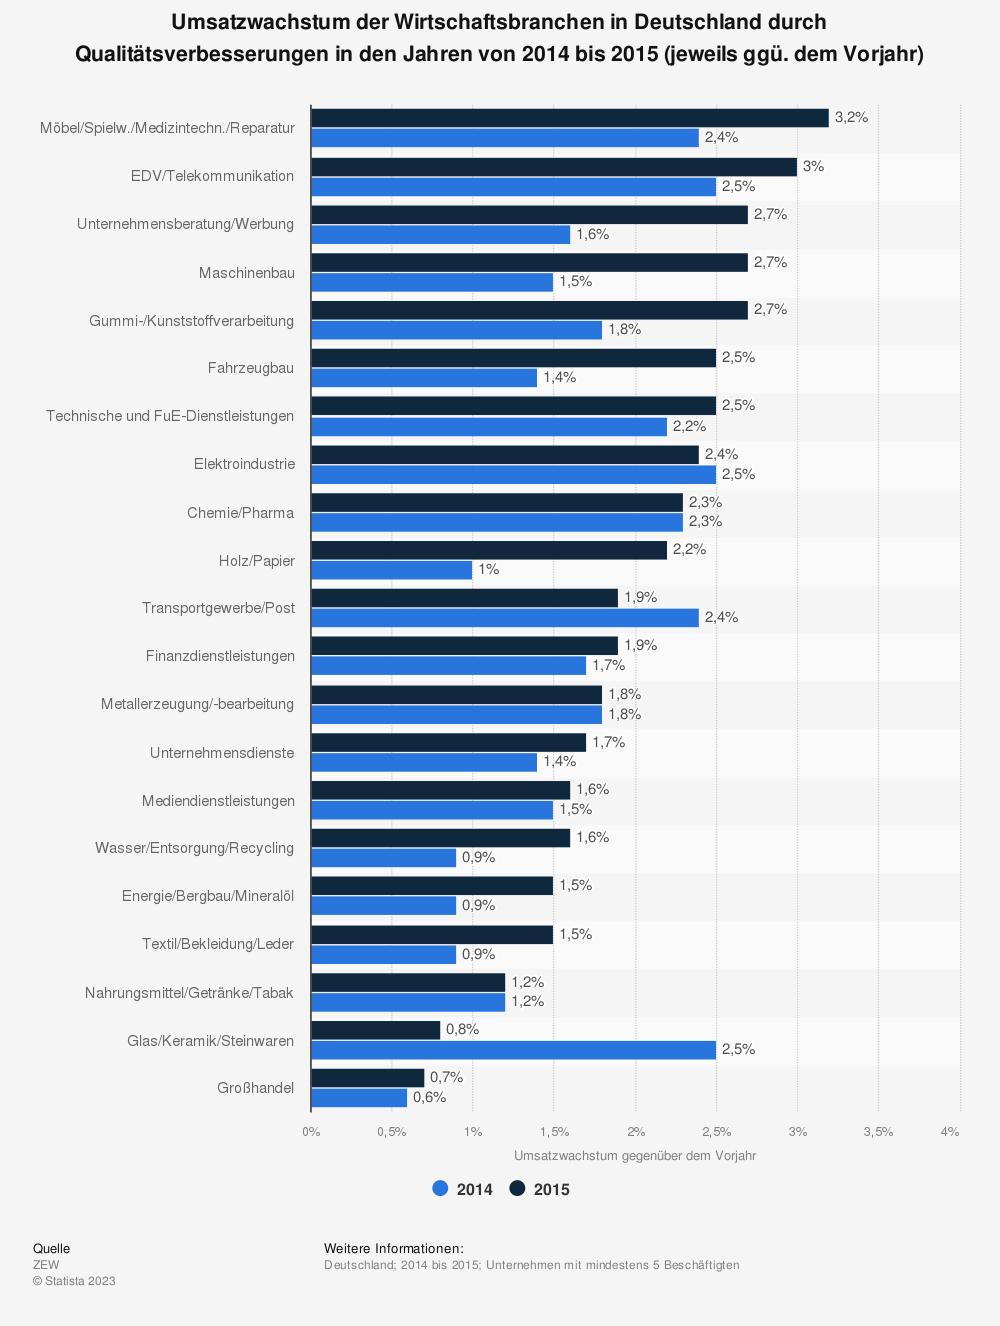 Statistik: Umsatzwachstum der Wirtschaftsbranchen in Deutschland durch Qualitätsverbesserungen in den Jahren von 2014 bis 2015 (jeweils ggü. dem Vorjahr) | Statista